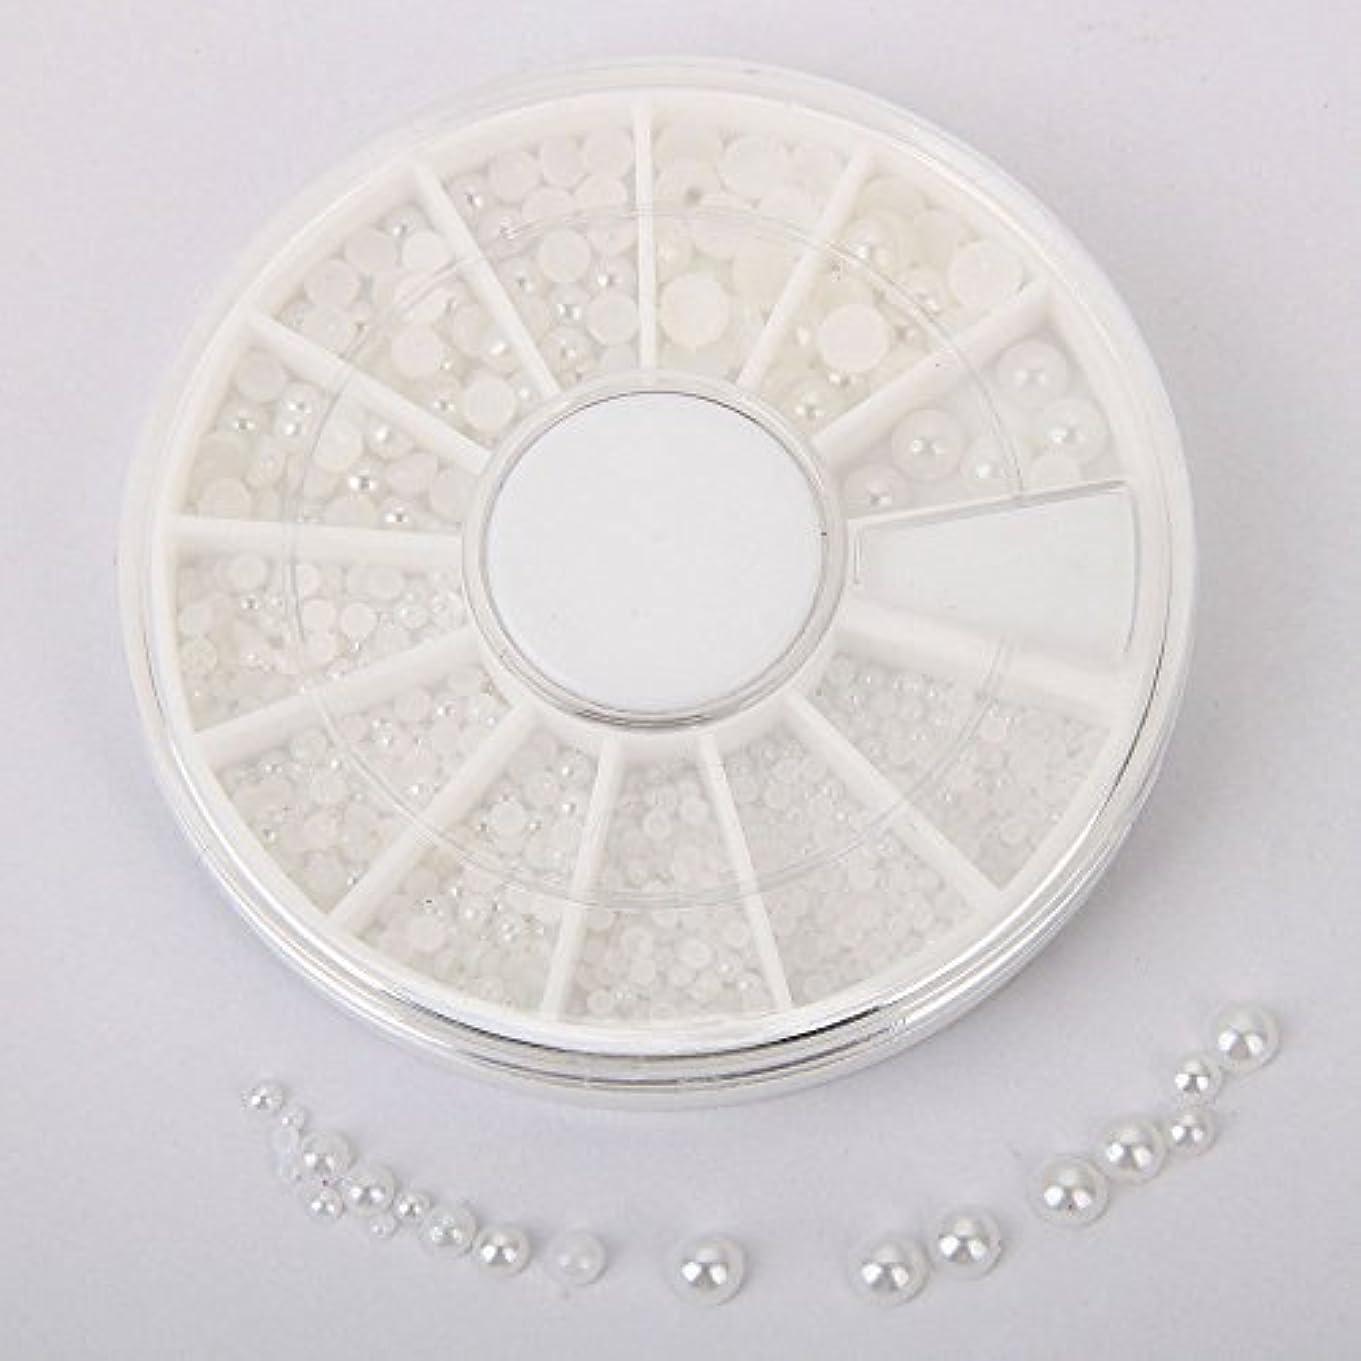 ドメイン愛人シンプルなシンディー ネイルアートパーツ 半円パール(ホワイト) マニキュアデコ用パール 1.5mm,2mm,3mm,4mm ラウンドケース入 3Dデコレーション(01)